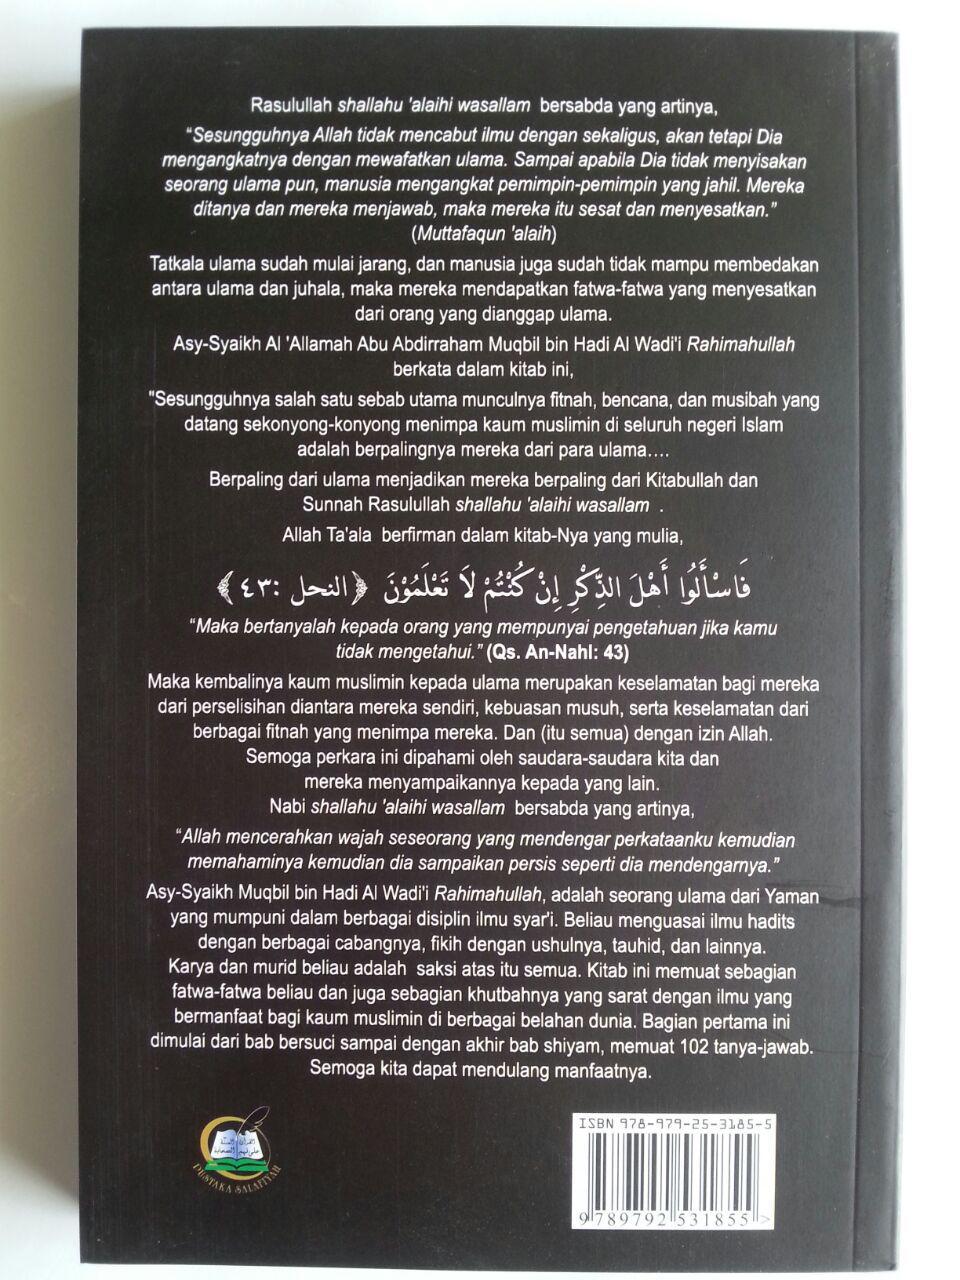 Buku Tanya Jawab Bersama Syaikh Muqbil Set 2 Jilid cover